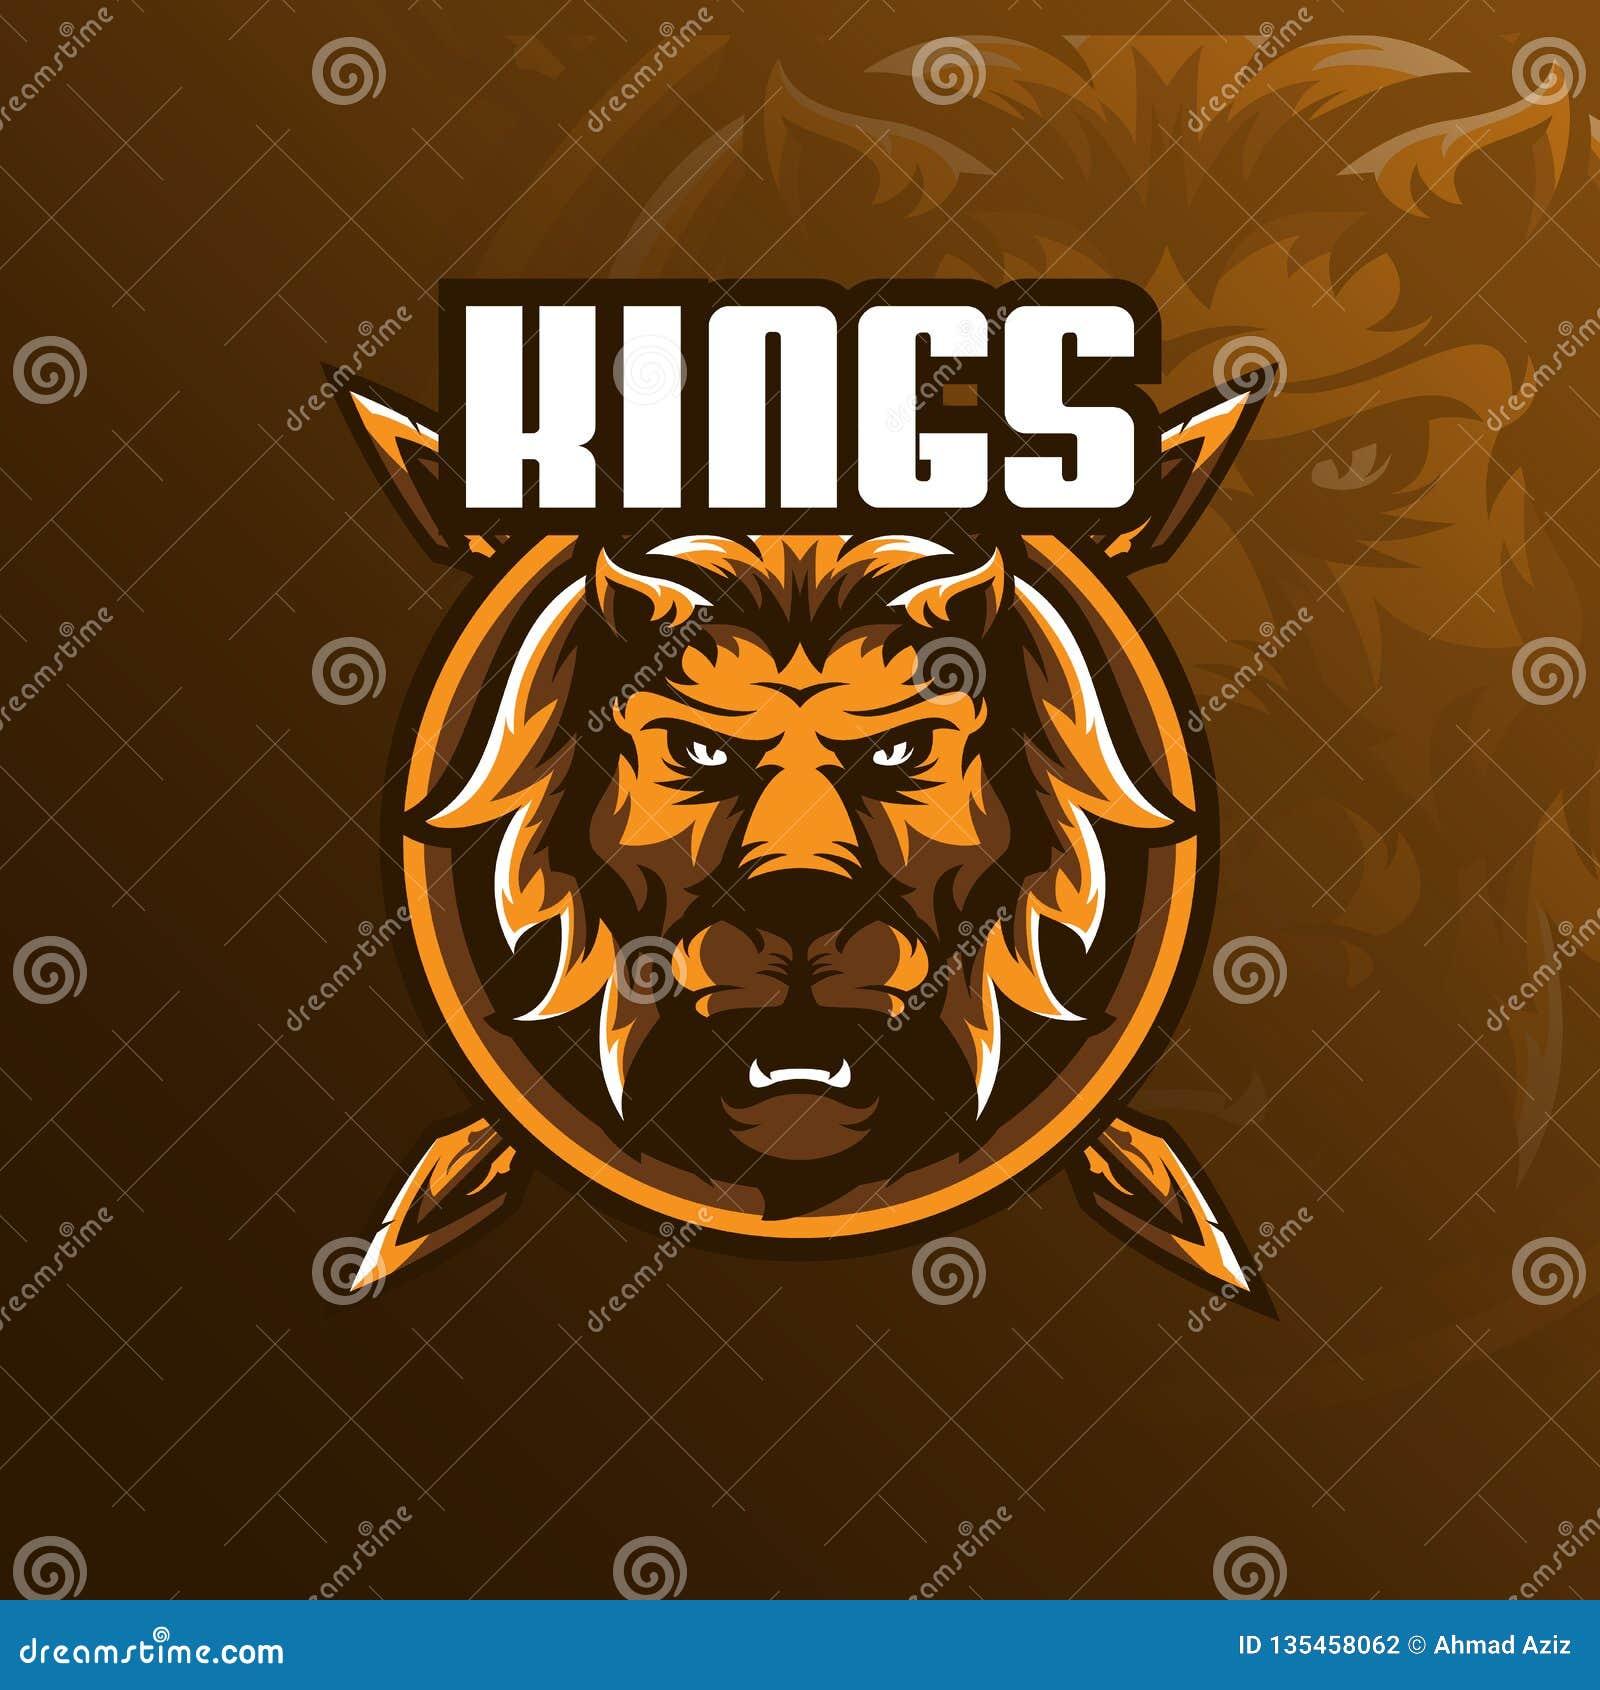 Διάνυσμα σχεδίου λογότυπων μασκότ λιονταριών με το σύγχρονο ύφος έννοιας απεικόνισης για την εκτύπωση διακριτικών, εμβλημάτων και